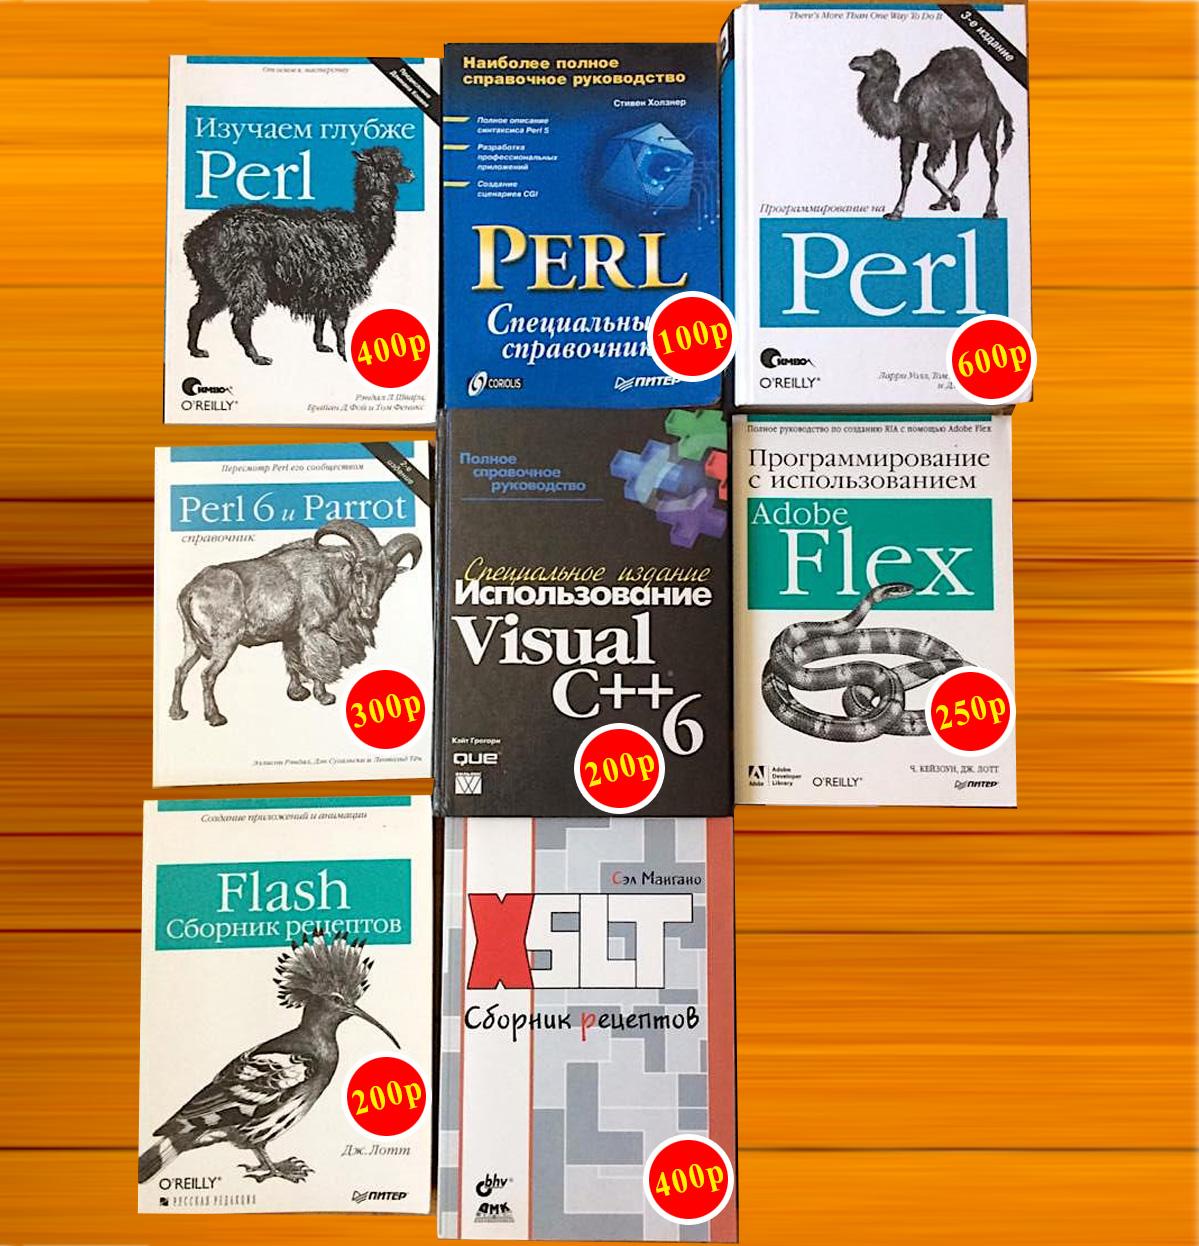 Книги по Perl, Visual C++, Flex, Flash, XSLT, SQL